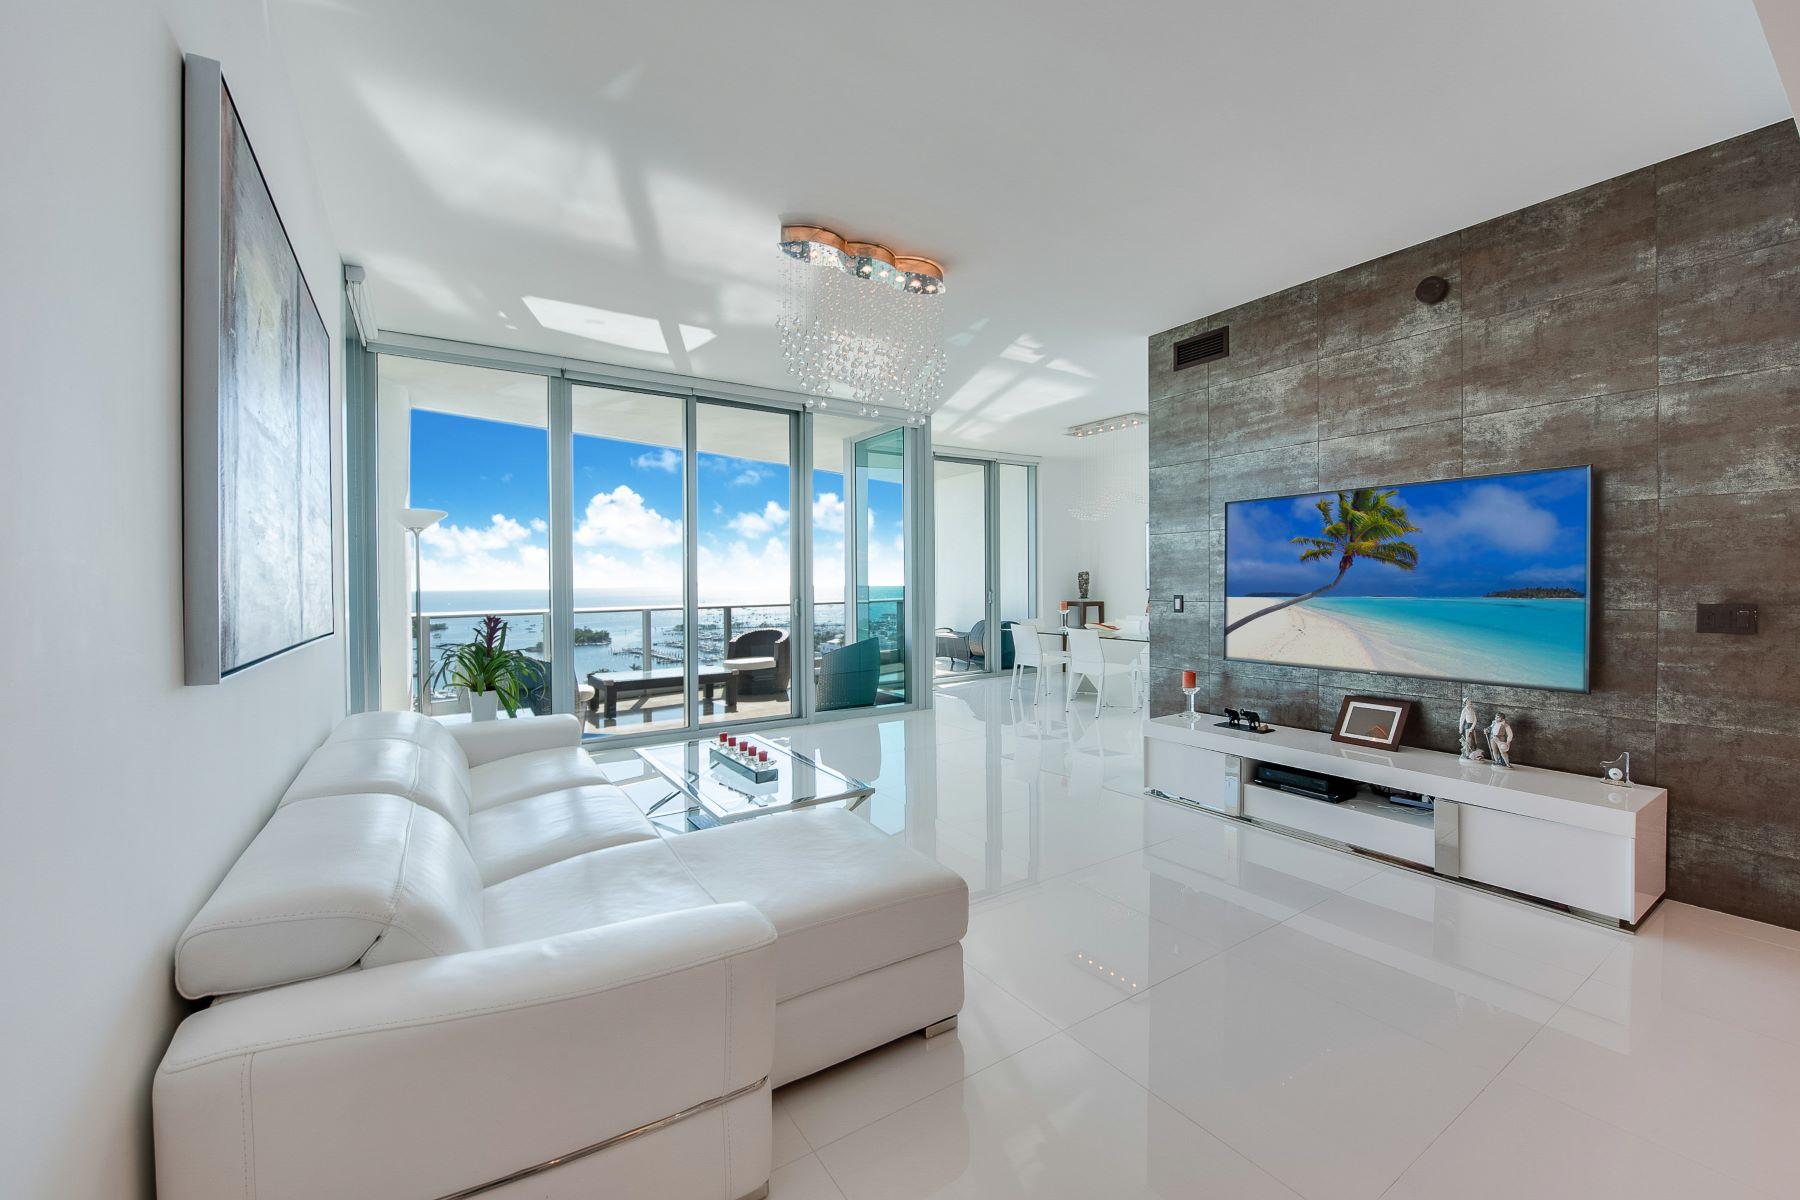 Single Family Home for Sale at 2627 S Bayshore Drive 2627 S Bayshore Drive 1905, Miami, Florida, 33133 United States